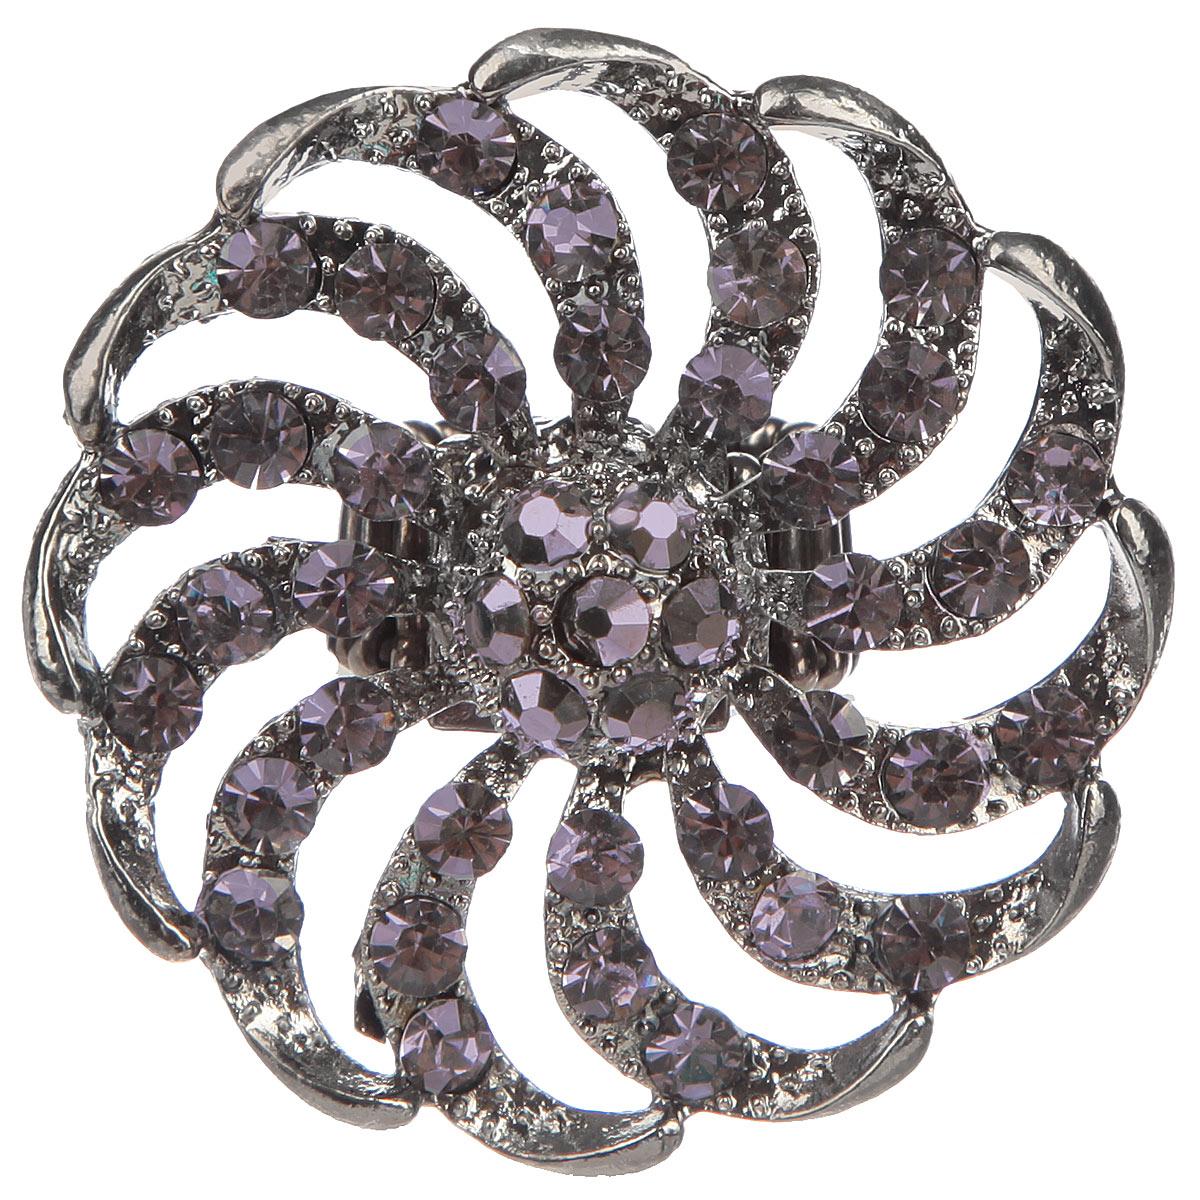 Кольцо Avgad, цвет: антрацитовый. EA178JW158pokka-2667-29-1Оригинальное кольцо Avgad выполнено из ювелирного сплава антрацитового цвета и дополнено стразами. Оно позволит вам с легкостью создать собственный, неповторимый образ. Элементы соединены с помощью тонкой резинки, благодаря этому оно легко одевается и снимается. Диаметр декоративного элемента 5,5 см. Размер кольца универсальный.